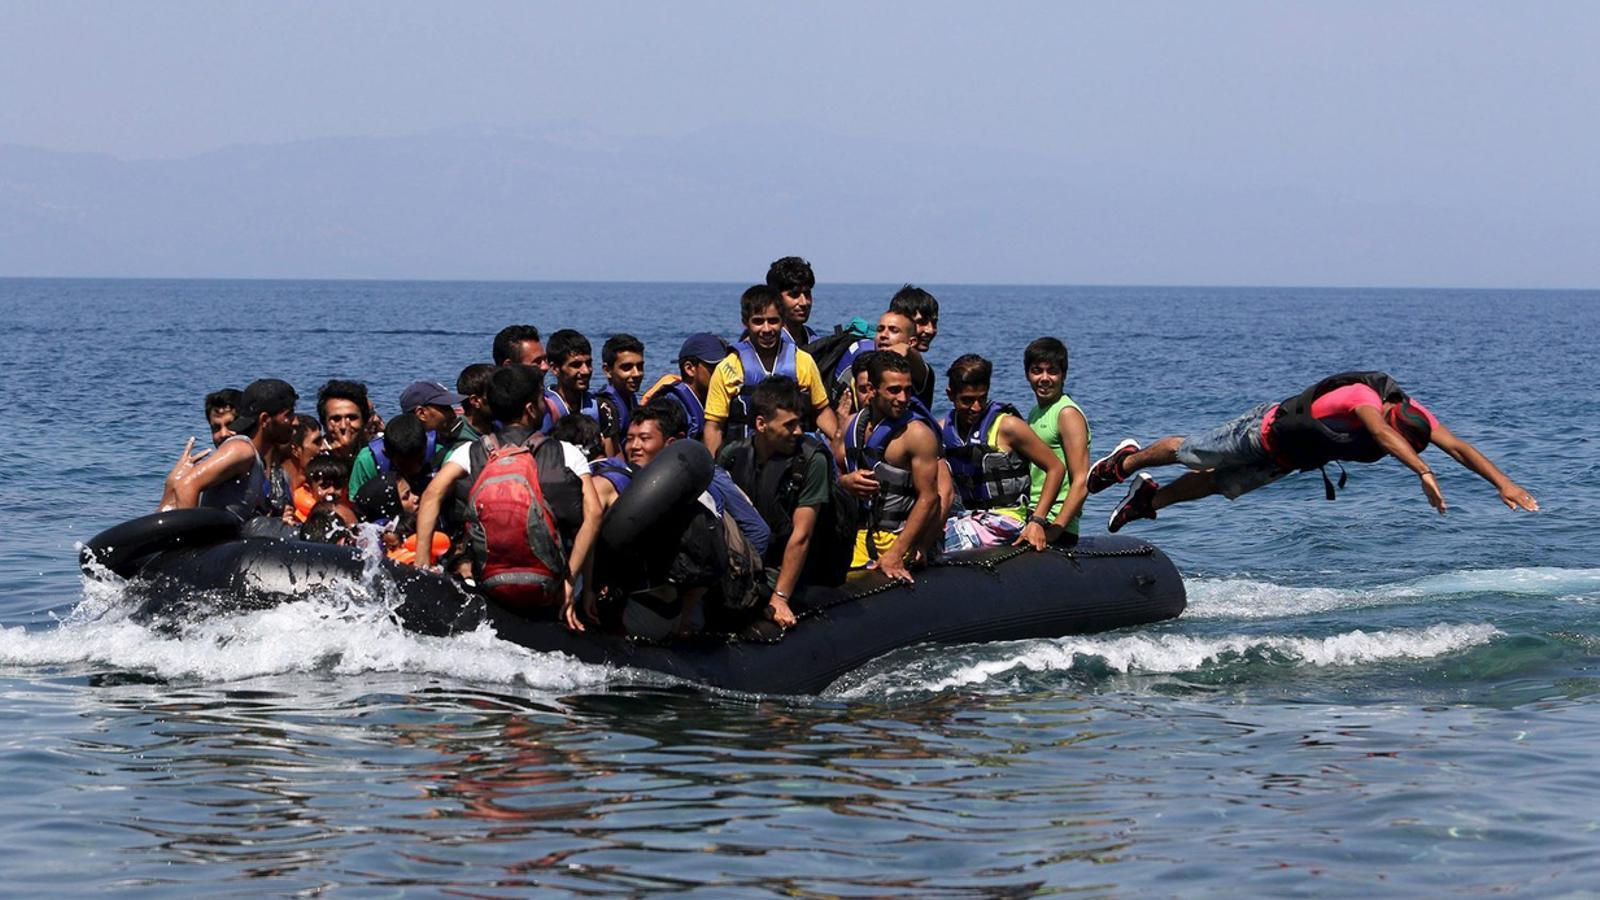 Una barca inflable carregada d'immigrants d'origen afganès que havia salpat de la costa turca arribant a l'illa grega de Lesbos. / YIANNIS KOURTOGLOU / REUTERS